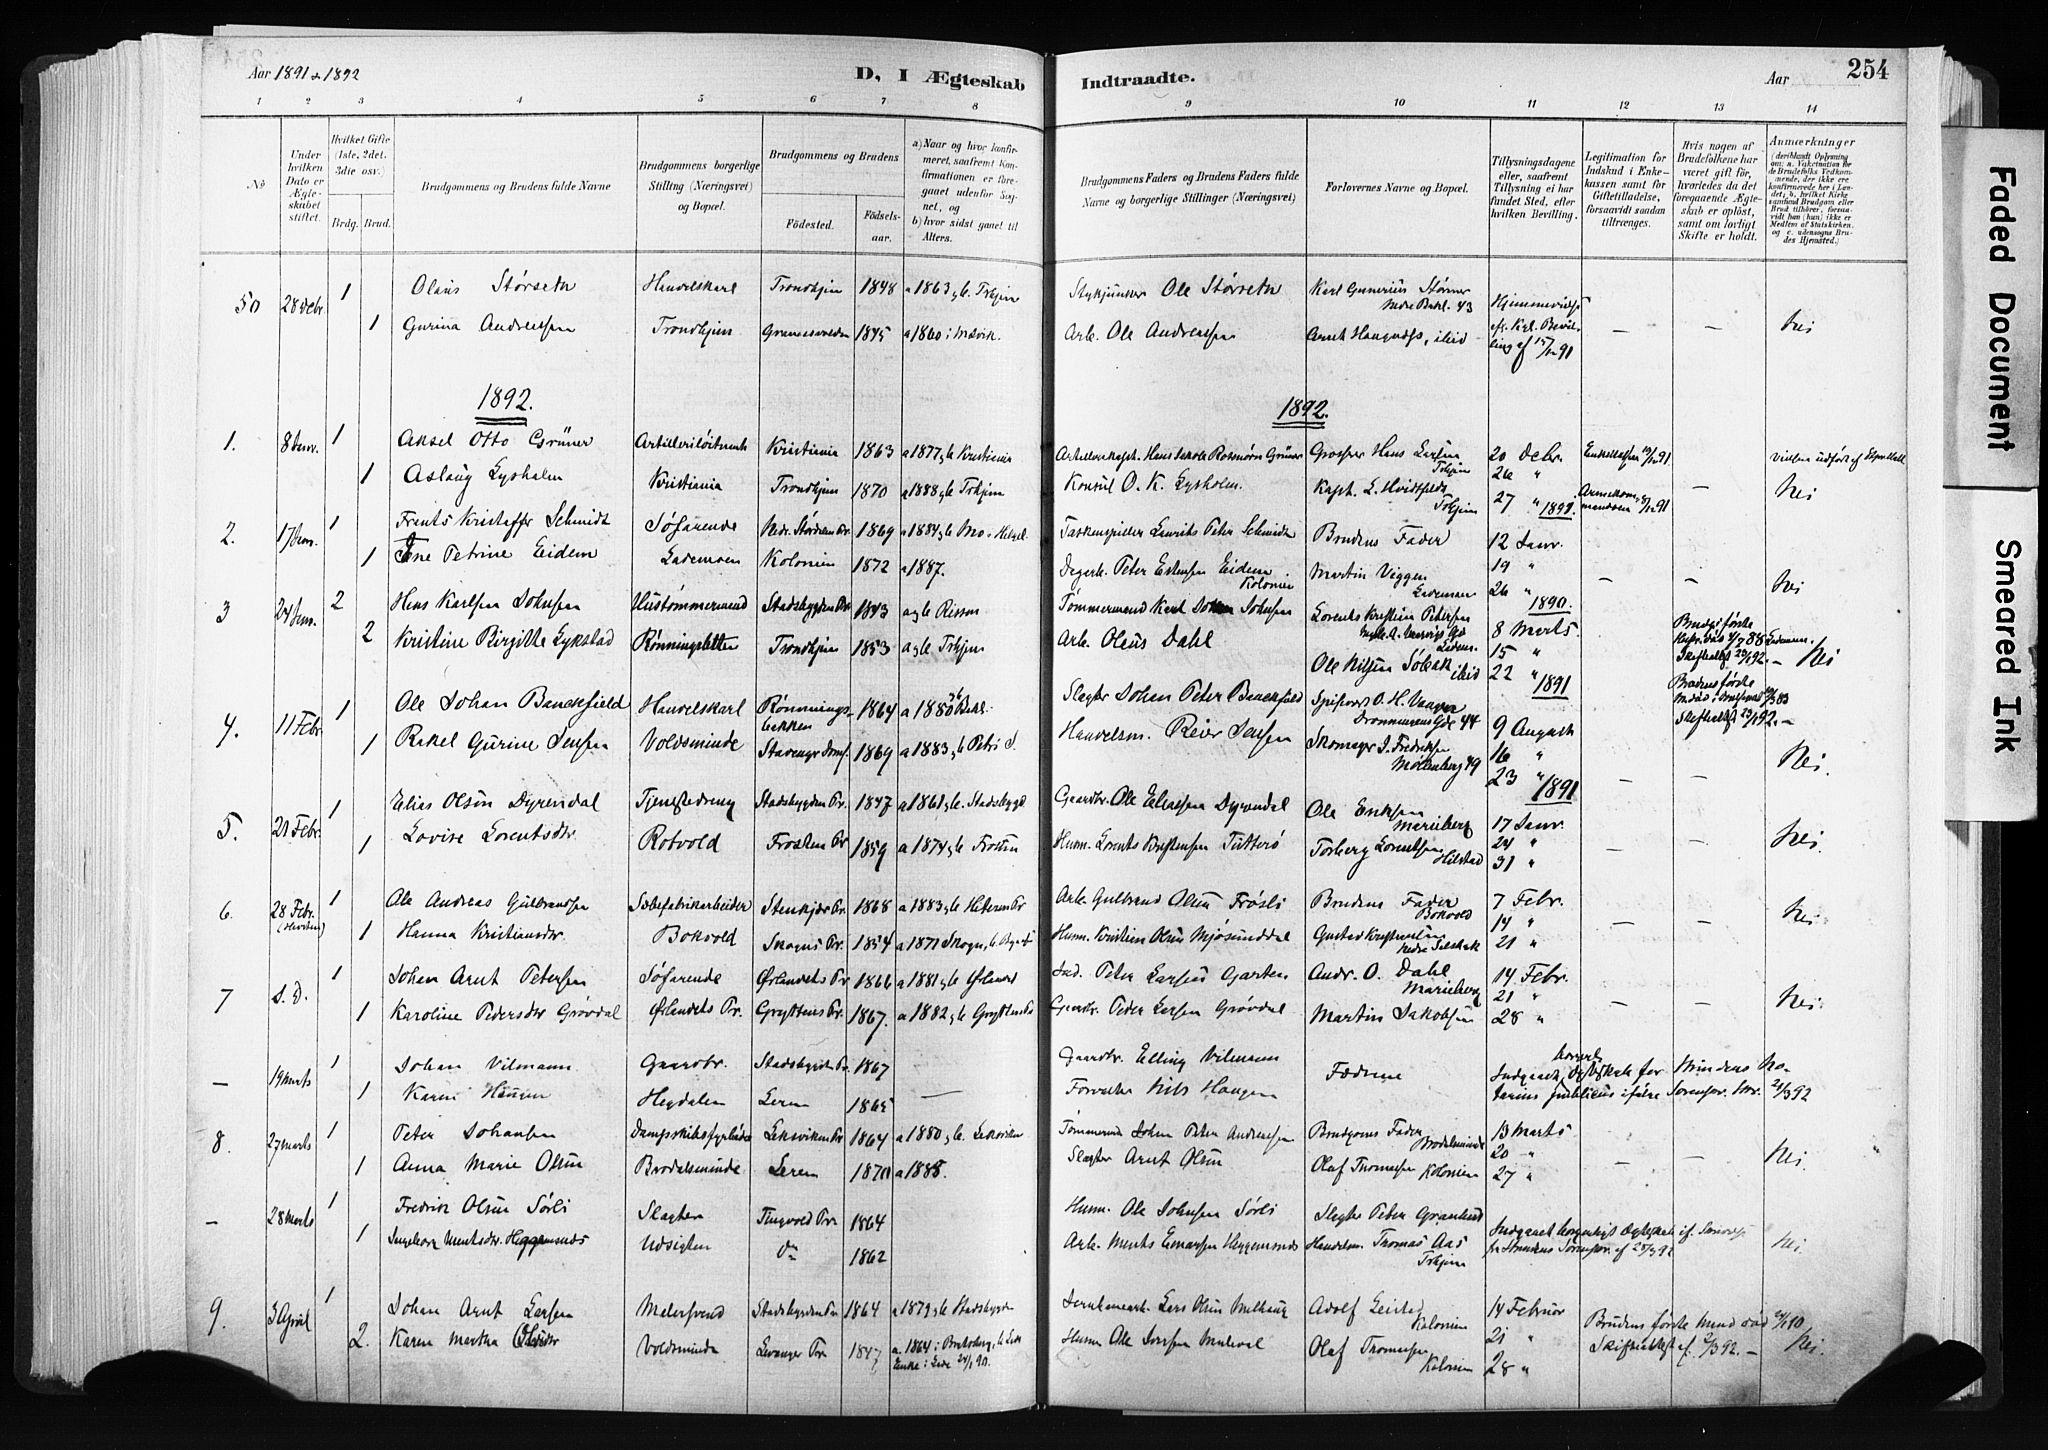 SAT, Ministerialprotokoller, klokkerbøker og fødselsregistre - Sør-Trøndelag, 606/L0300: Ministerialbok nr. 606A15, 1886-1893, s. 254